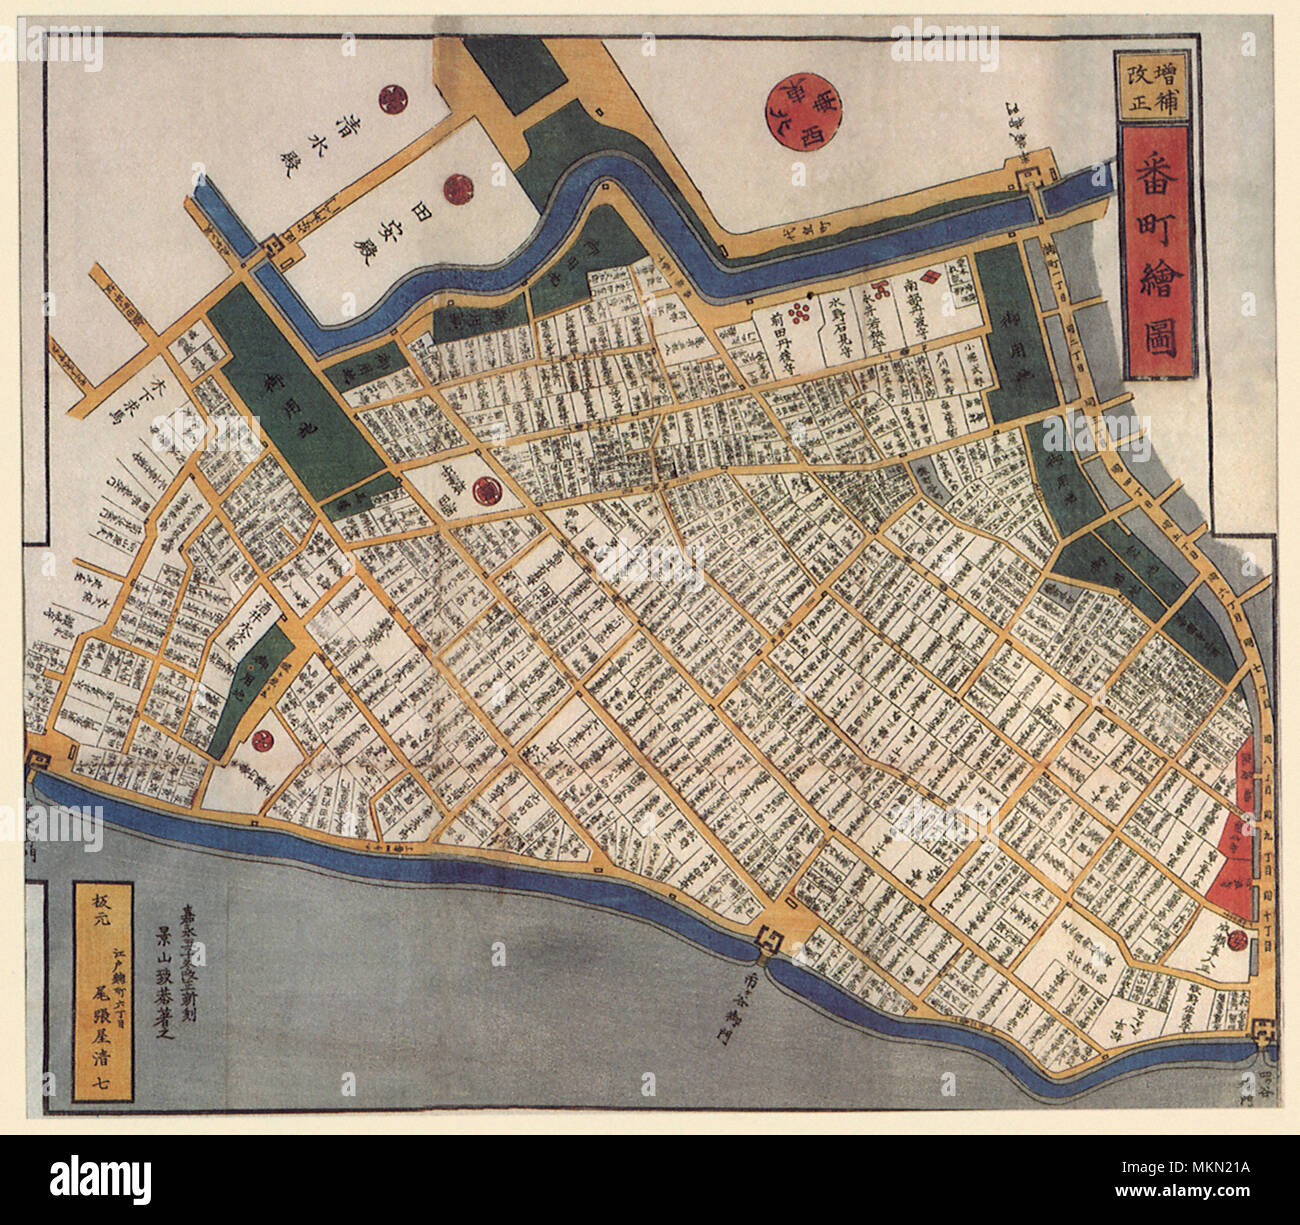 Bancho Section of Edo.  1852 - Stock Image